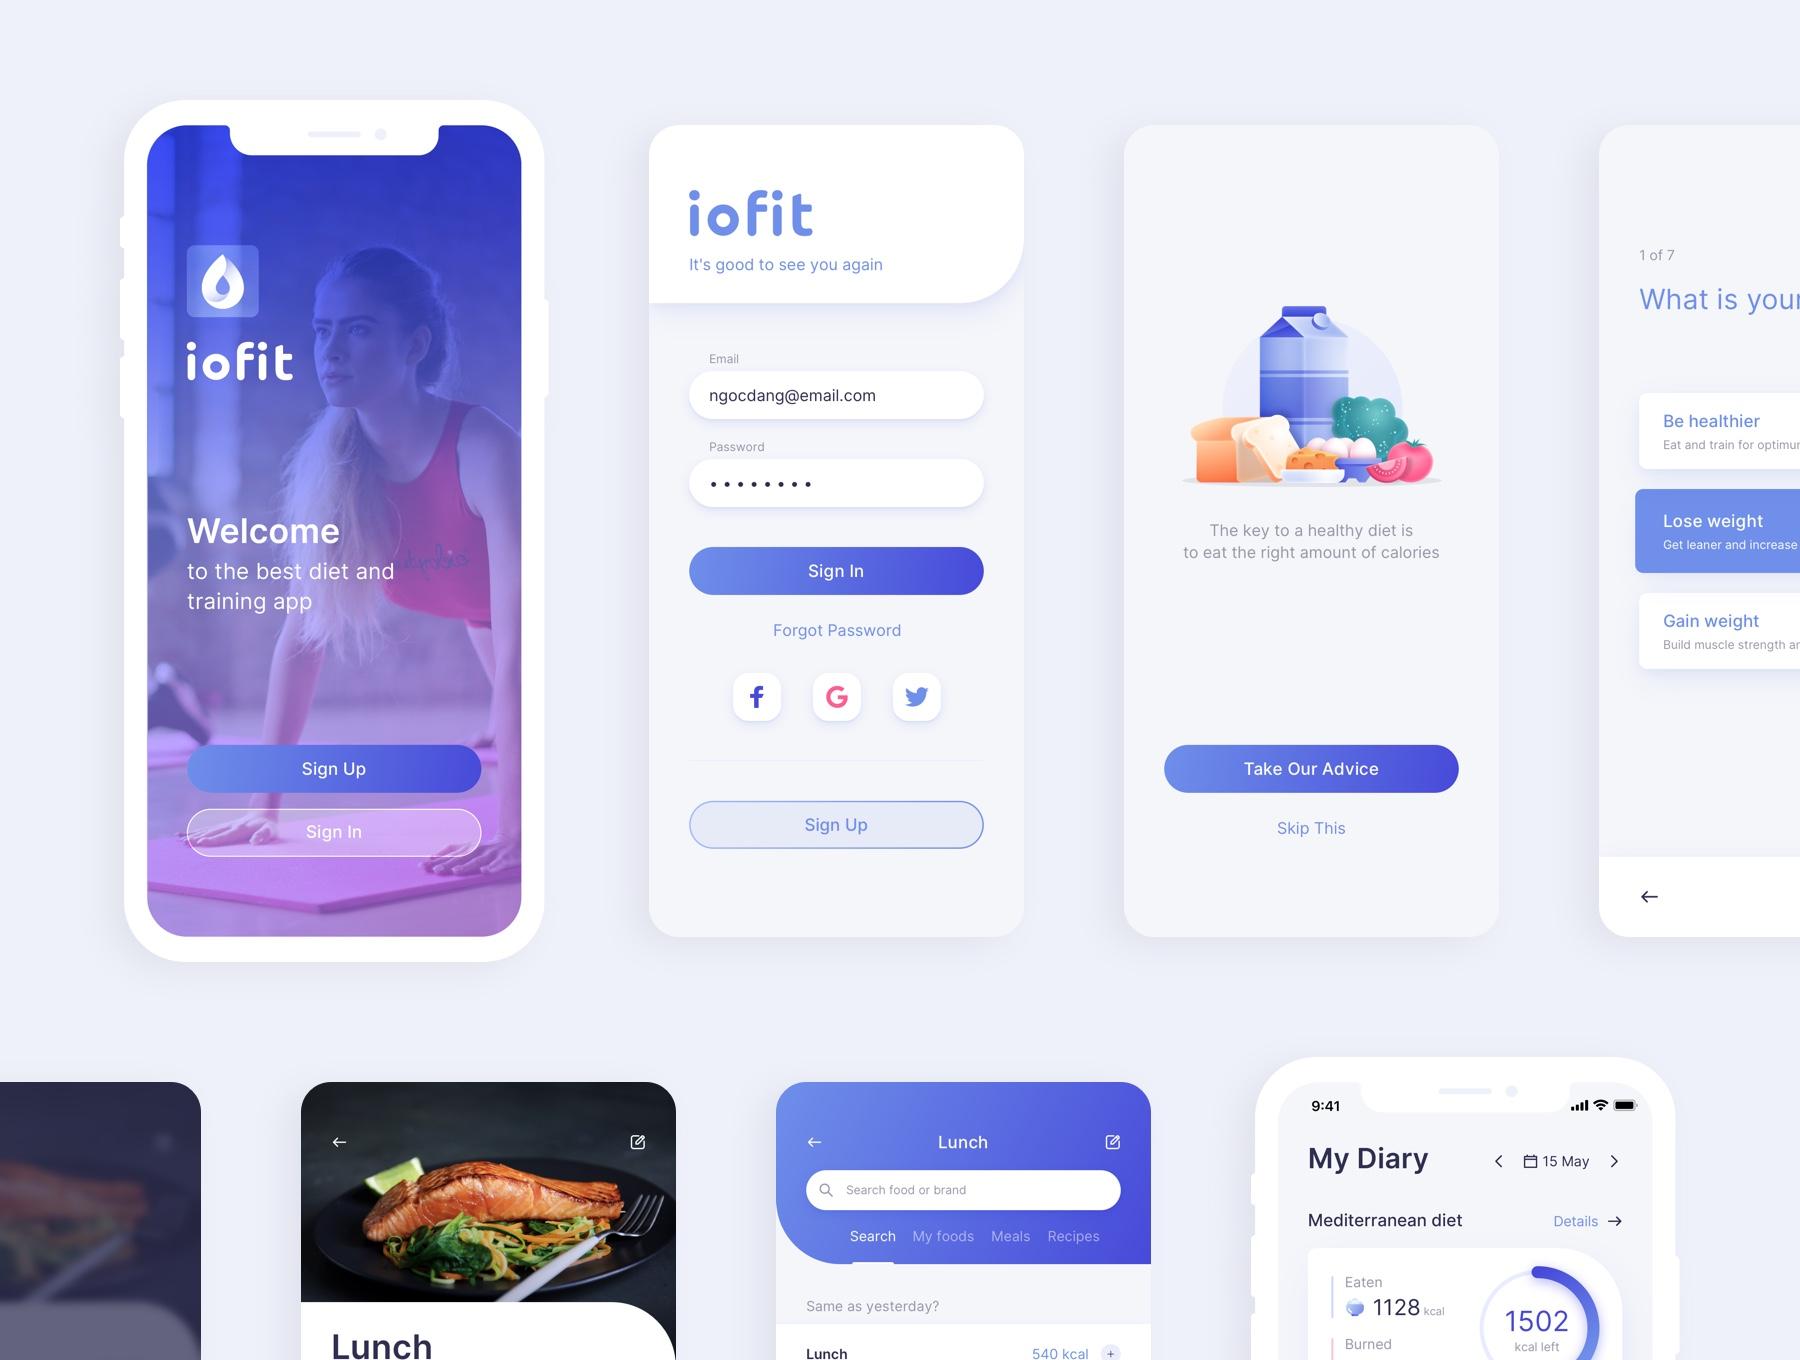 饮食运动训练应用程序iOS界面设计UI套件 ioFit – Diet & Training App UI Kit Home  App插图(4)